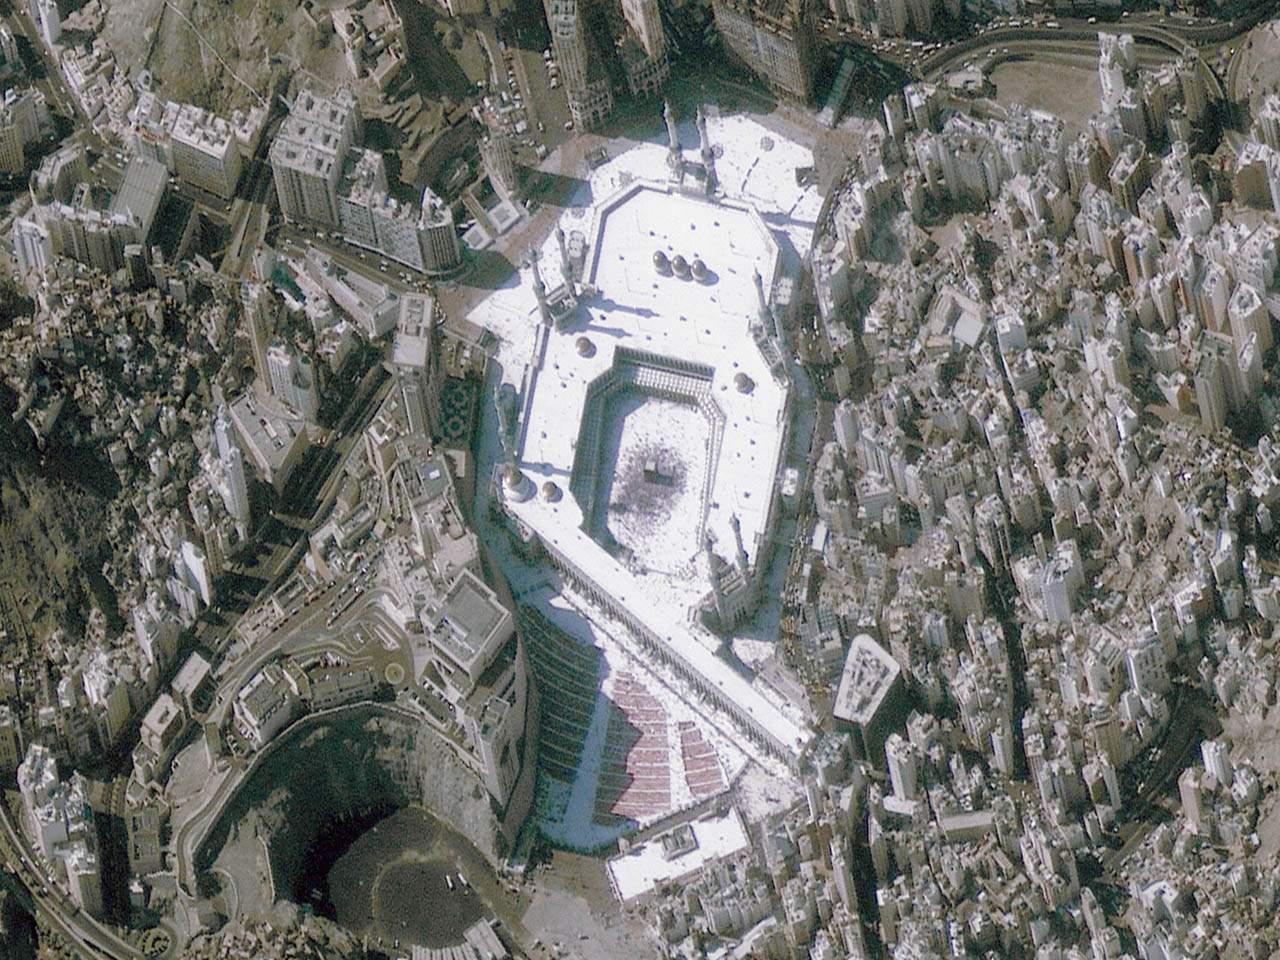 Mekke şehri resimleri mekke kabe resimleri sayfamıza ekledik